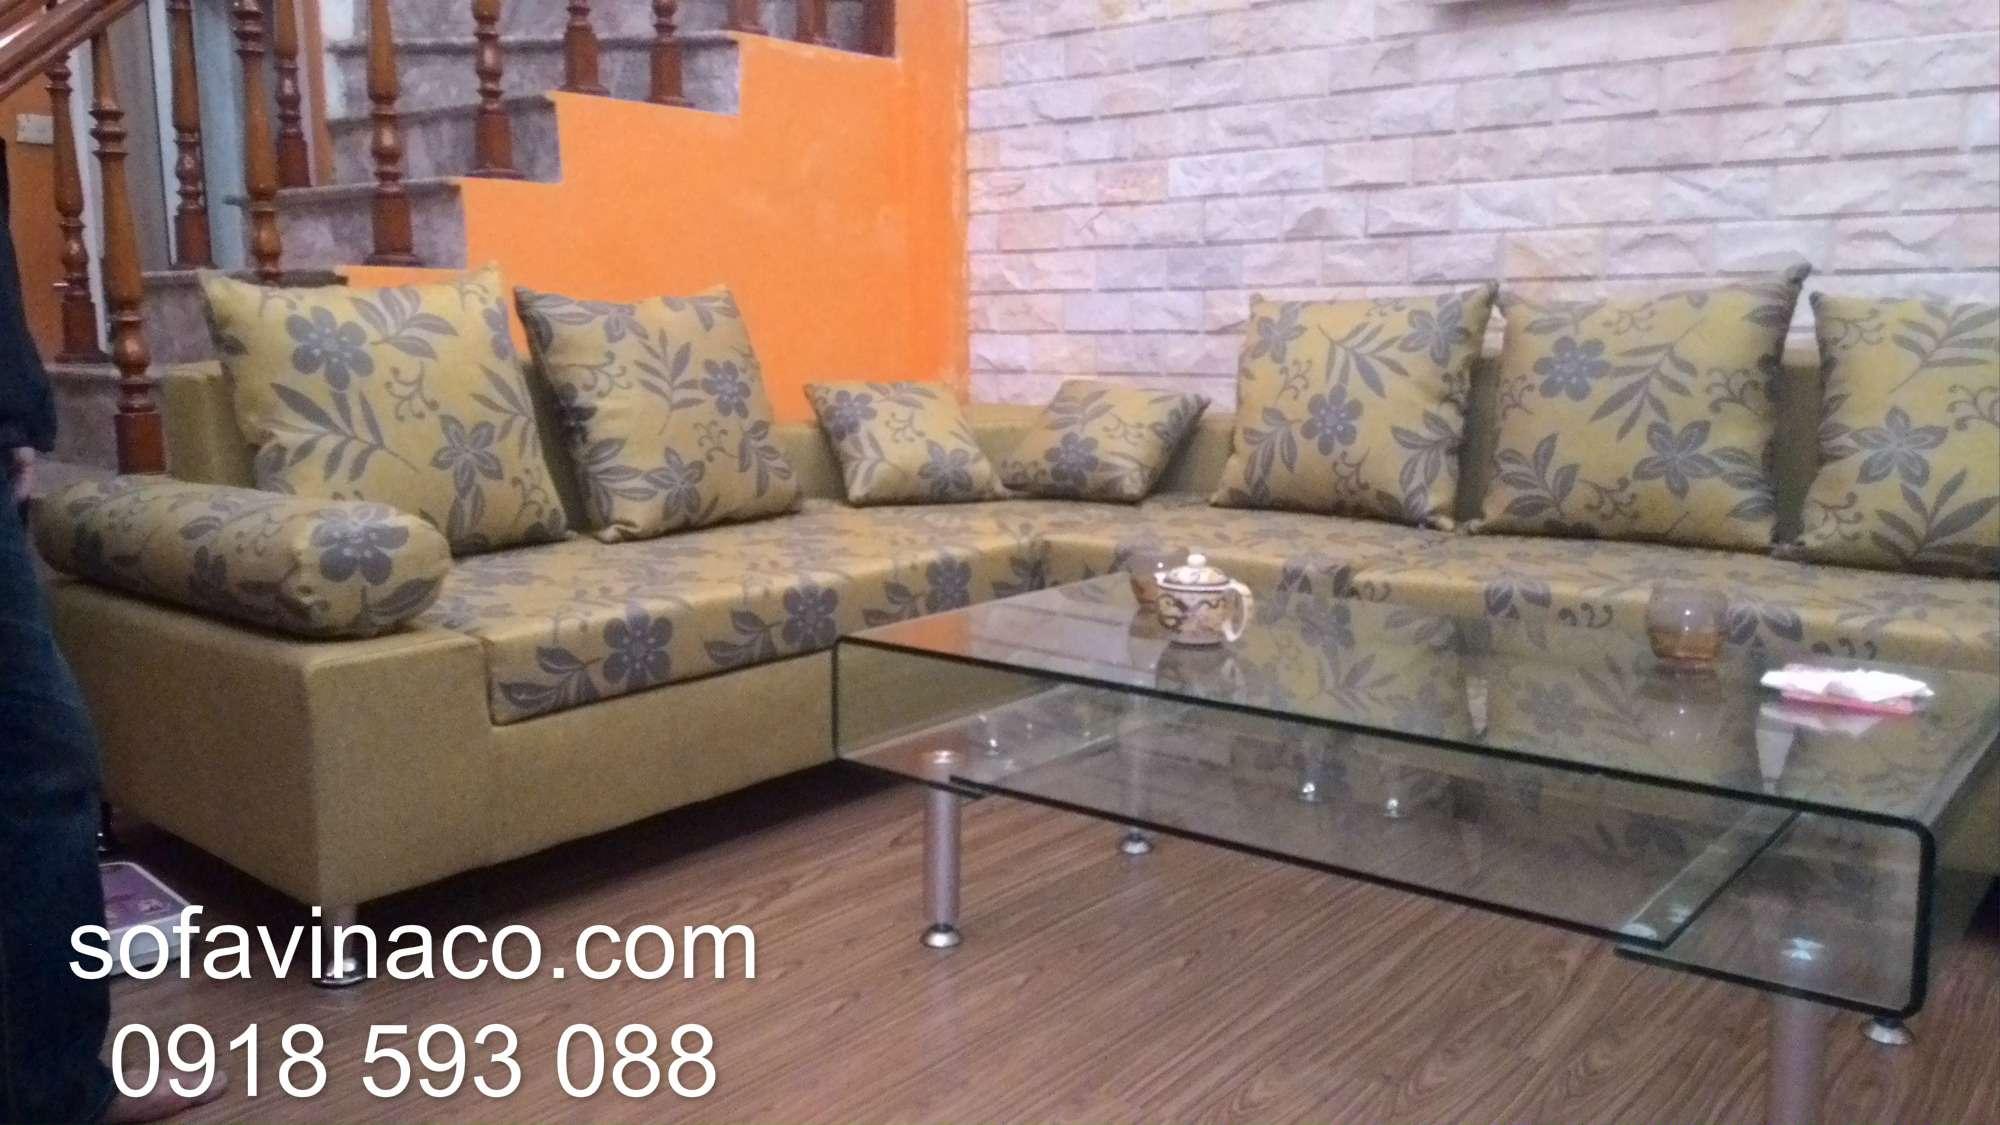 Bọc ghế sofa góc 0309 tại Hoàng Quốc Việt Cầu Giấy Hà Nội